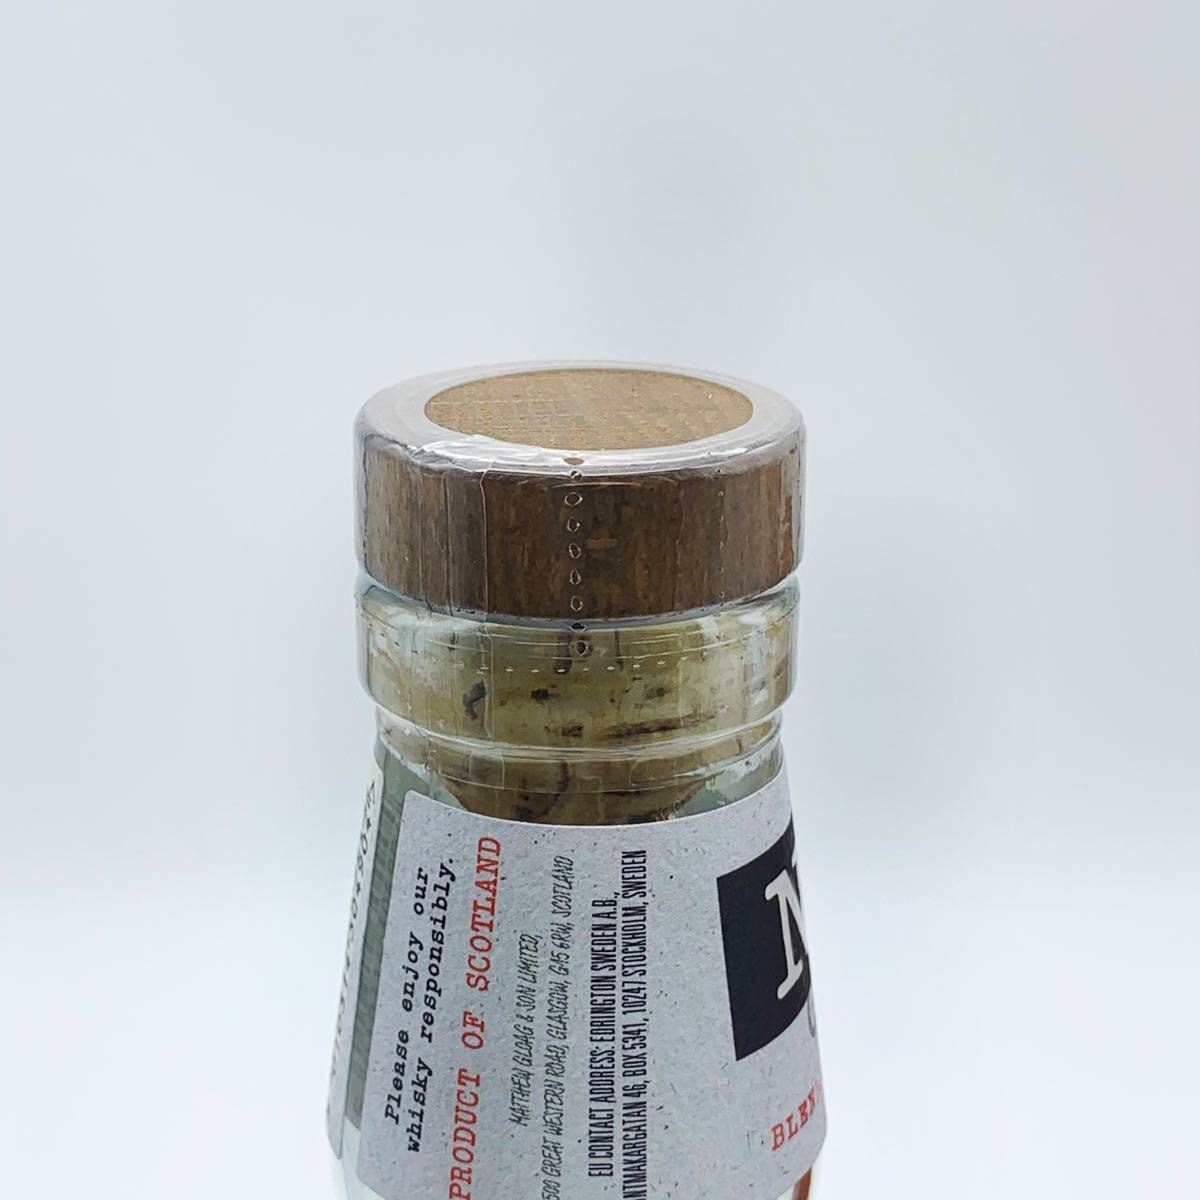 新品未開封 2本セット フェイマスグラウス ネイキッドグラウス 40% 700ml スコッチ ブレンデッド モルト ウイスキー